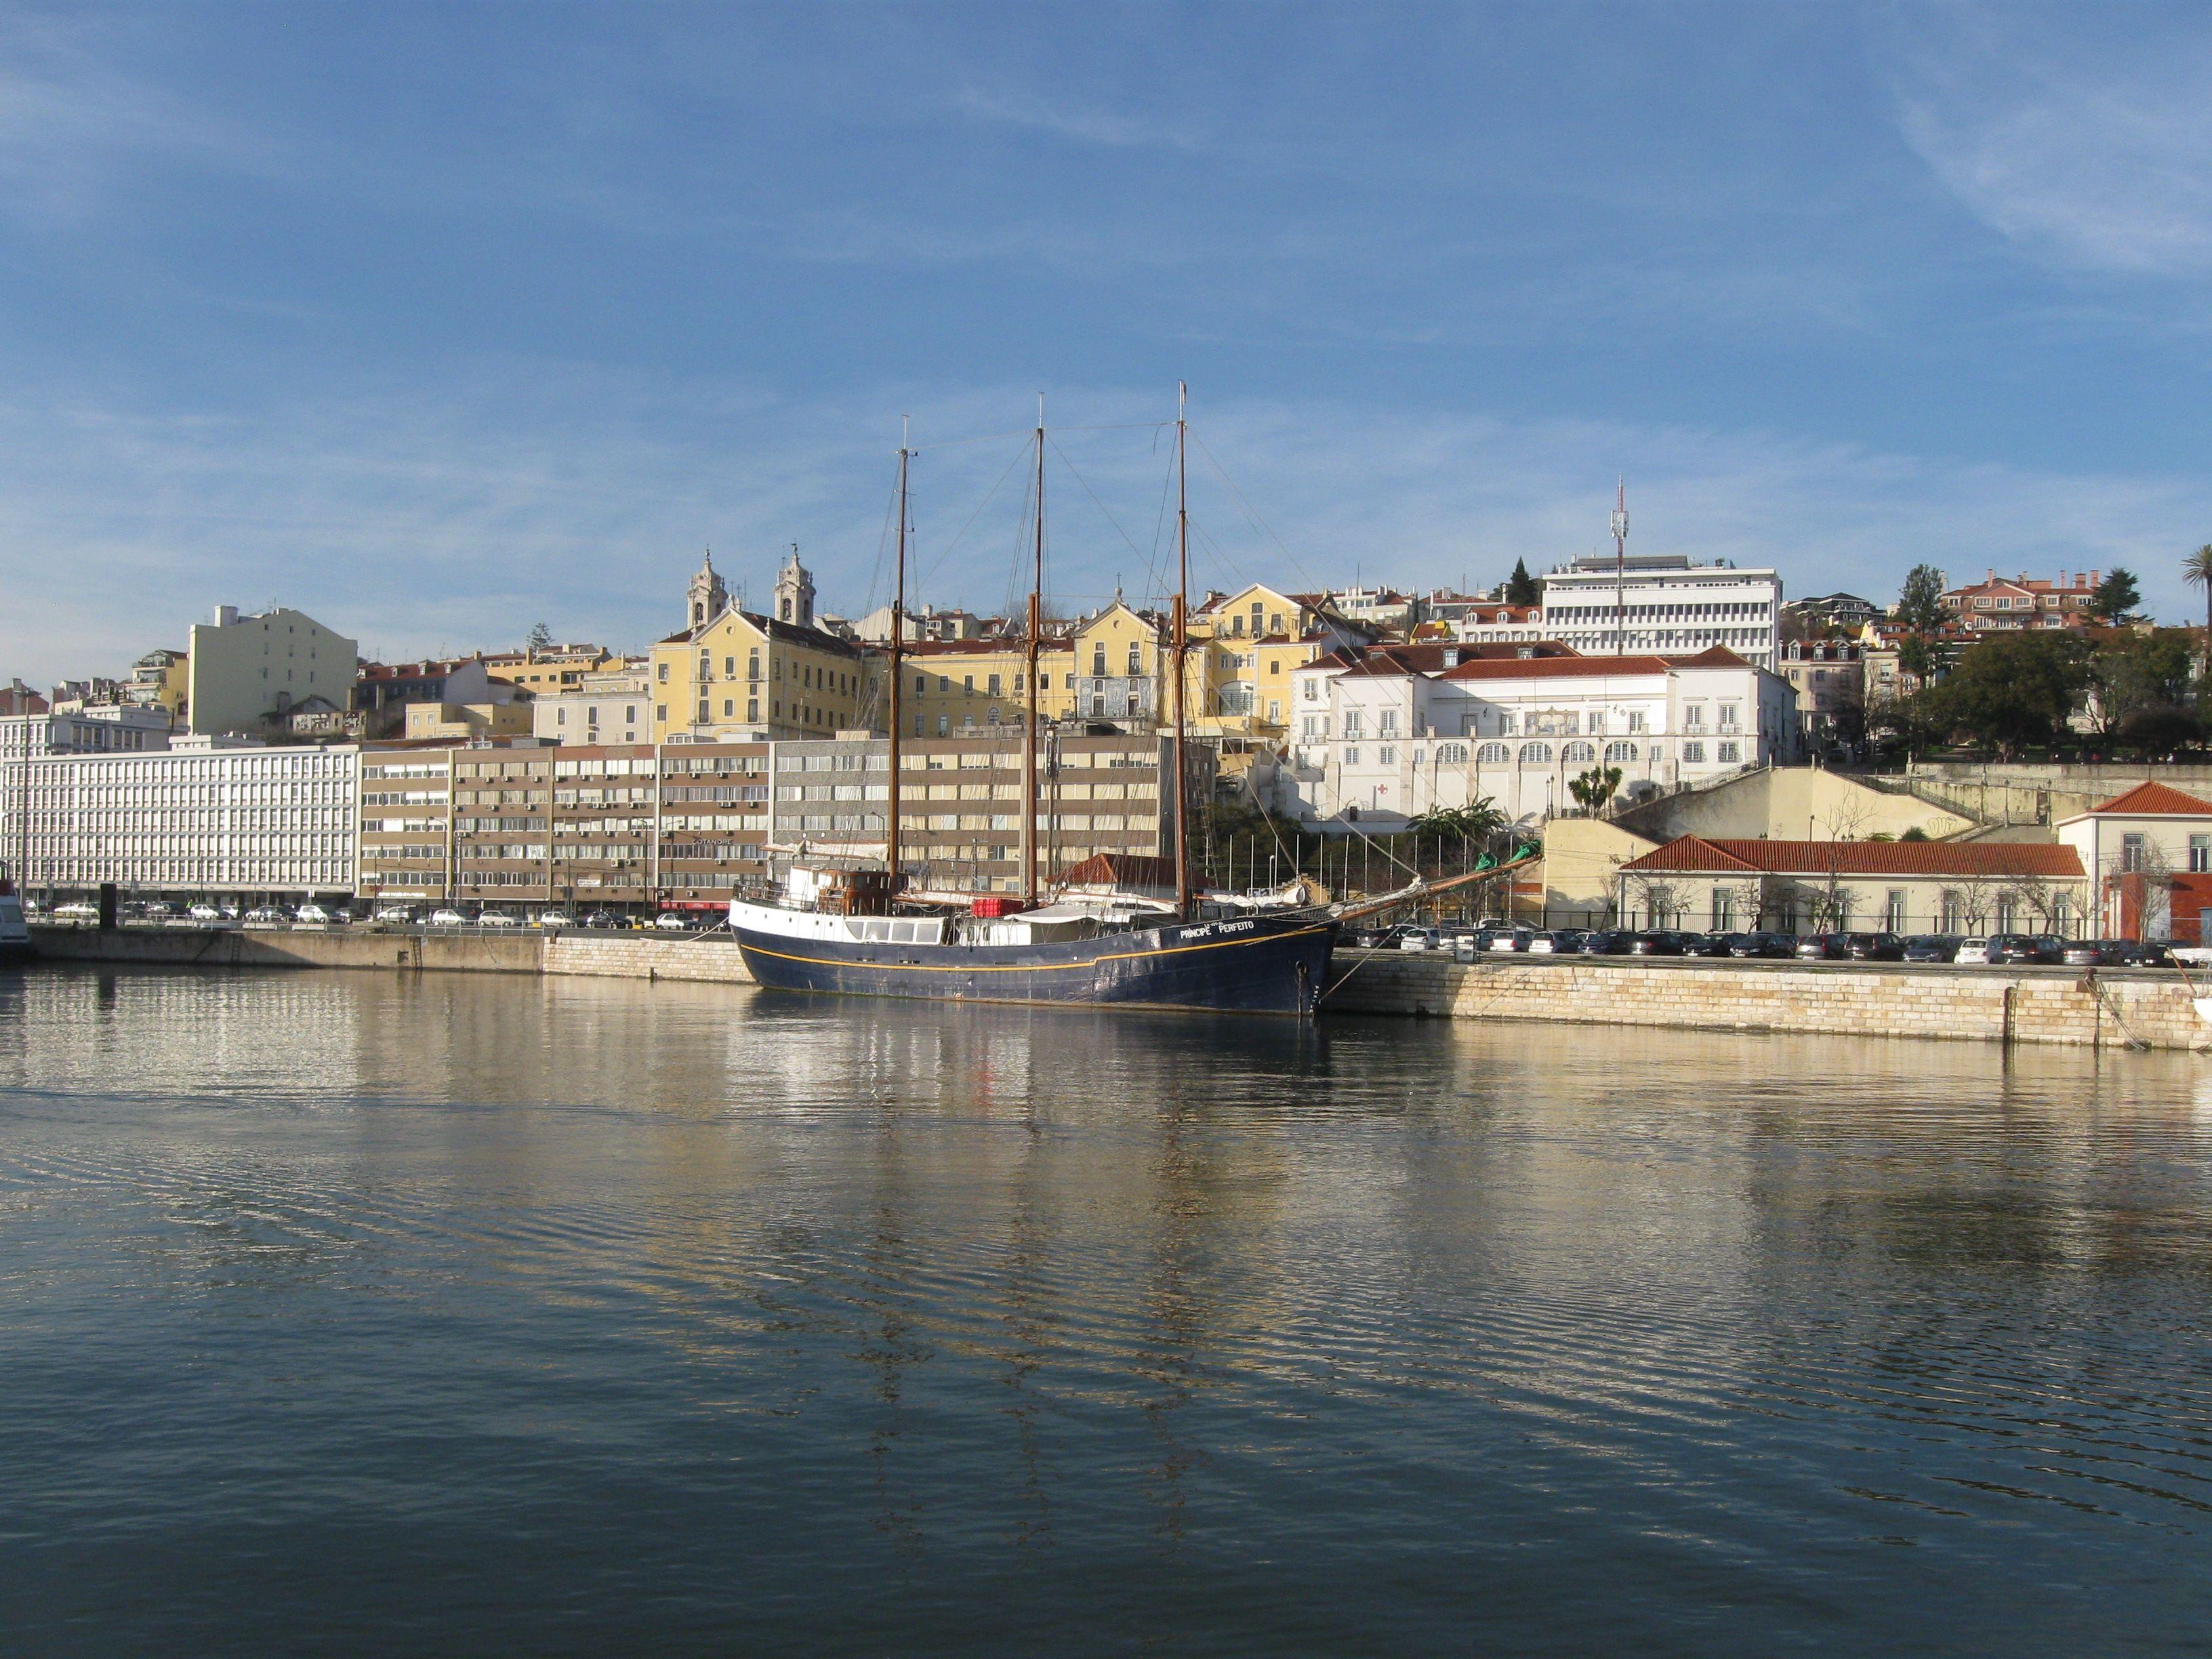 Encontrado o Principe Perfeito, Lisboa